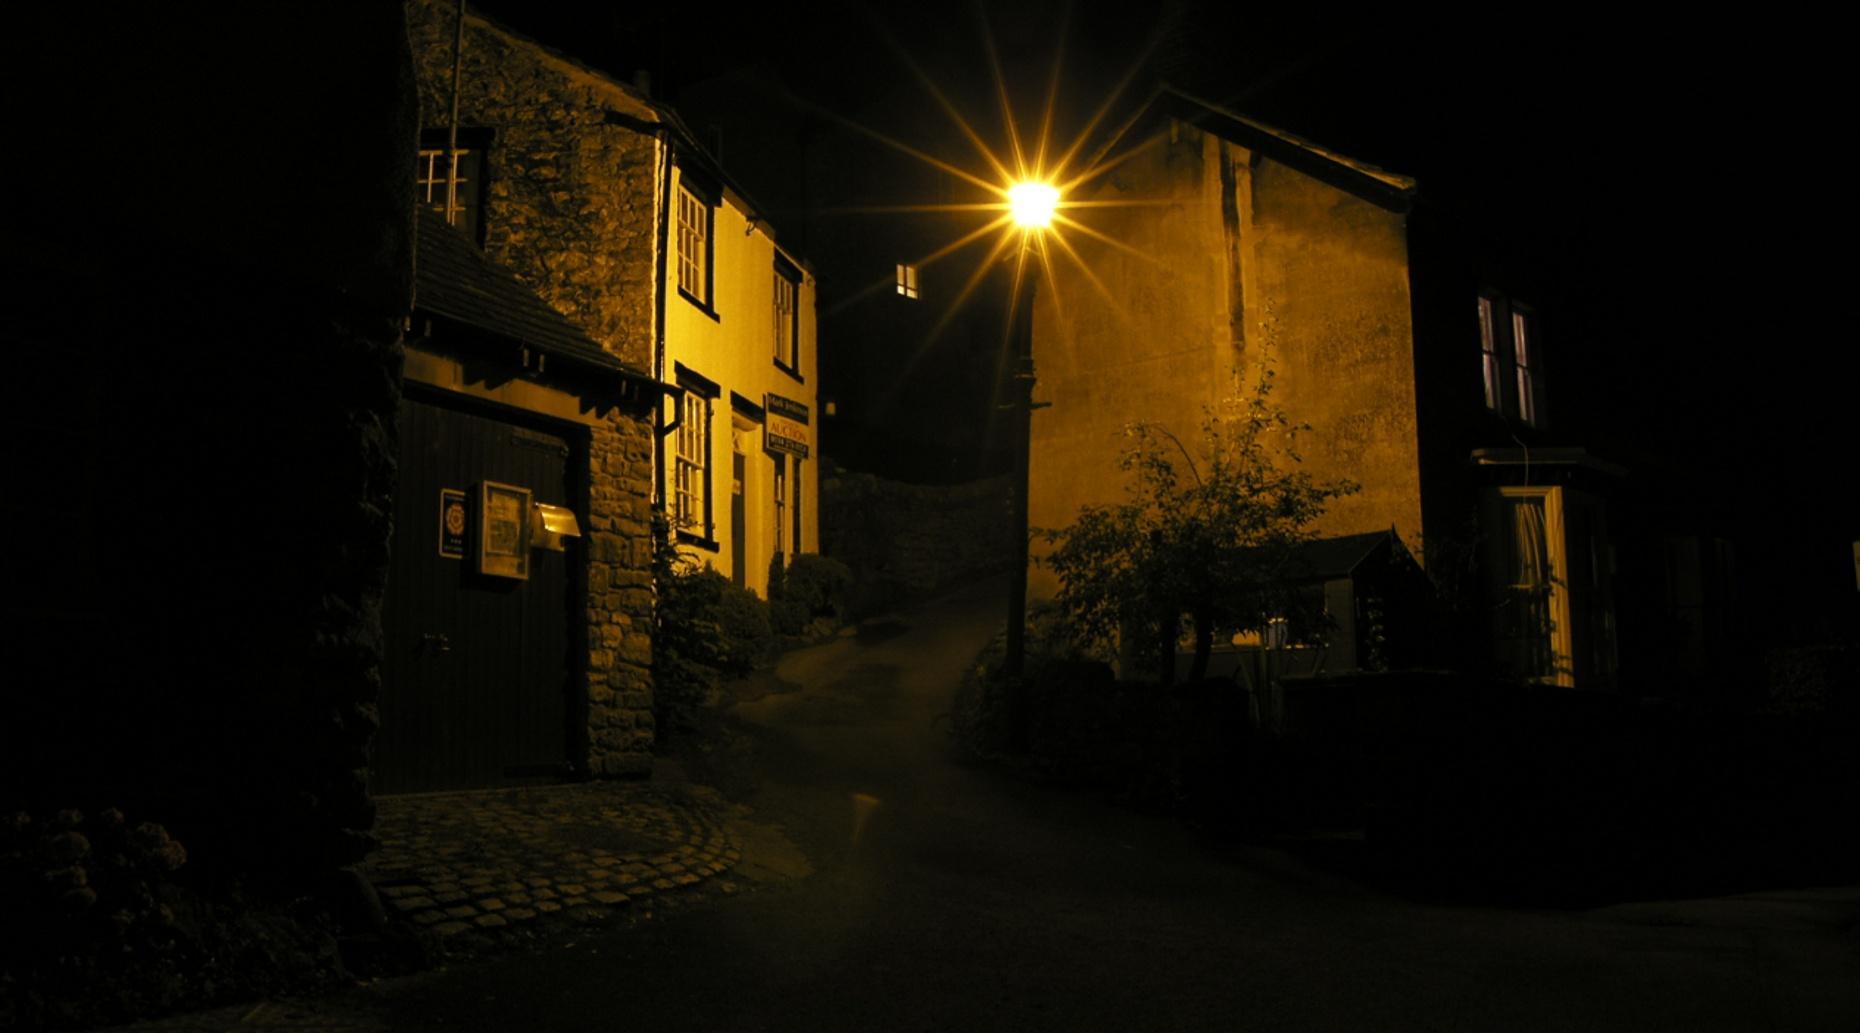 Pub Crawl & Haunted Adventure Tour in Durham